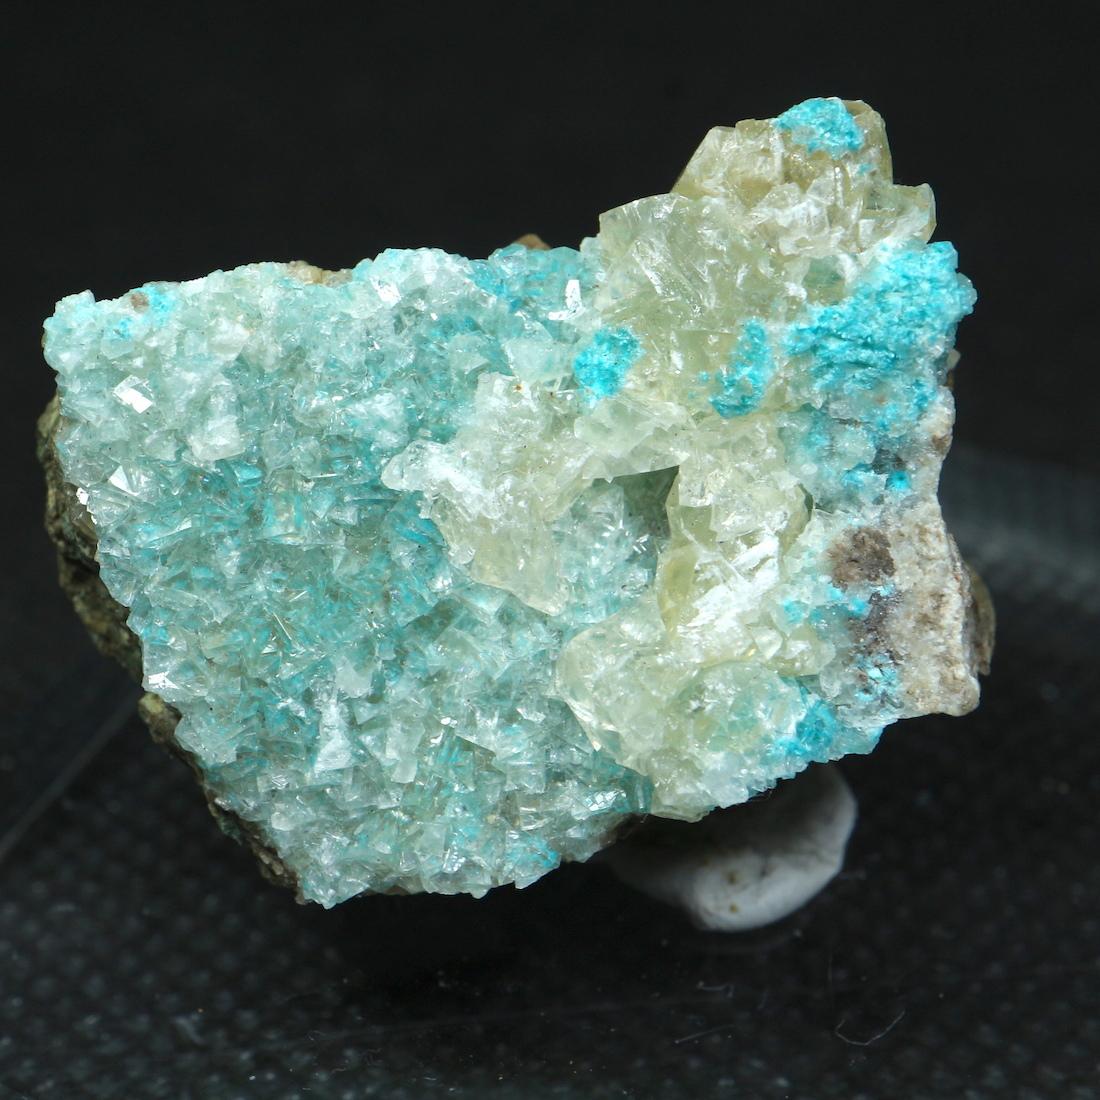 超レア!オレゴン州産 カバンサイト カルサイト 結晶  13,6g 原石 標本 PT013 天然石 鉱物 パワーストーン